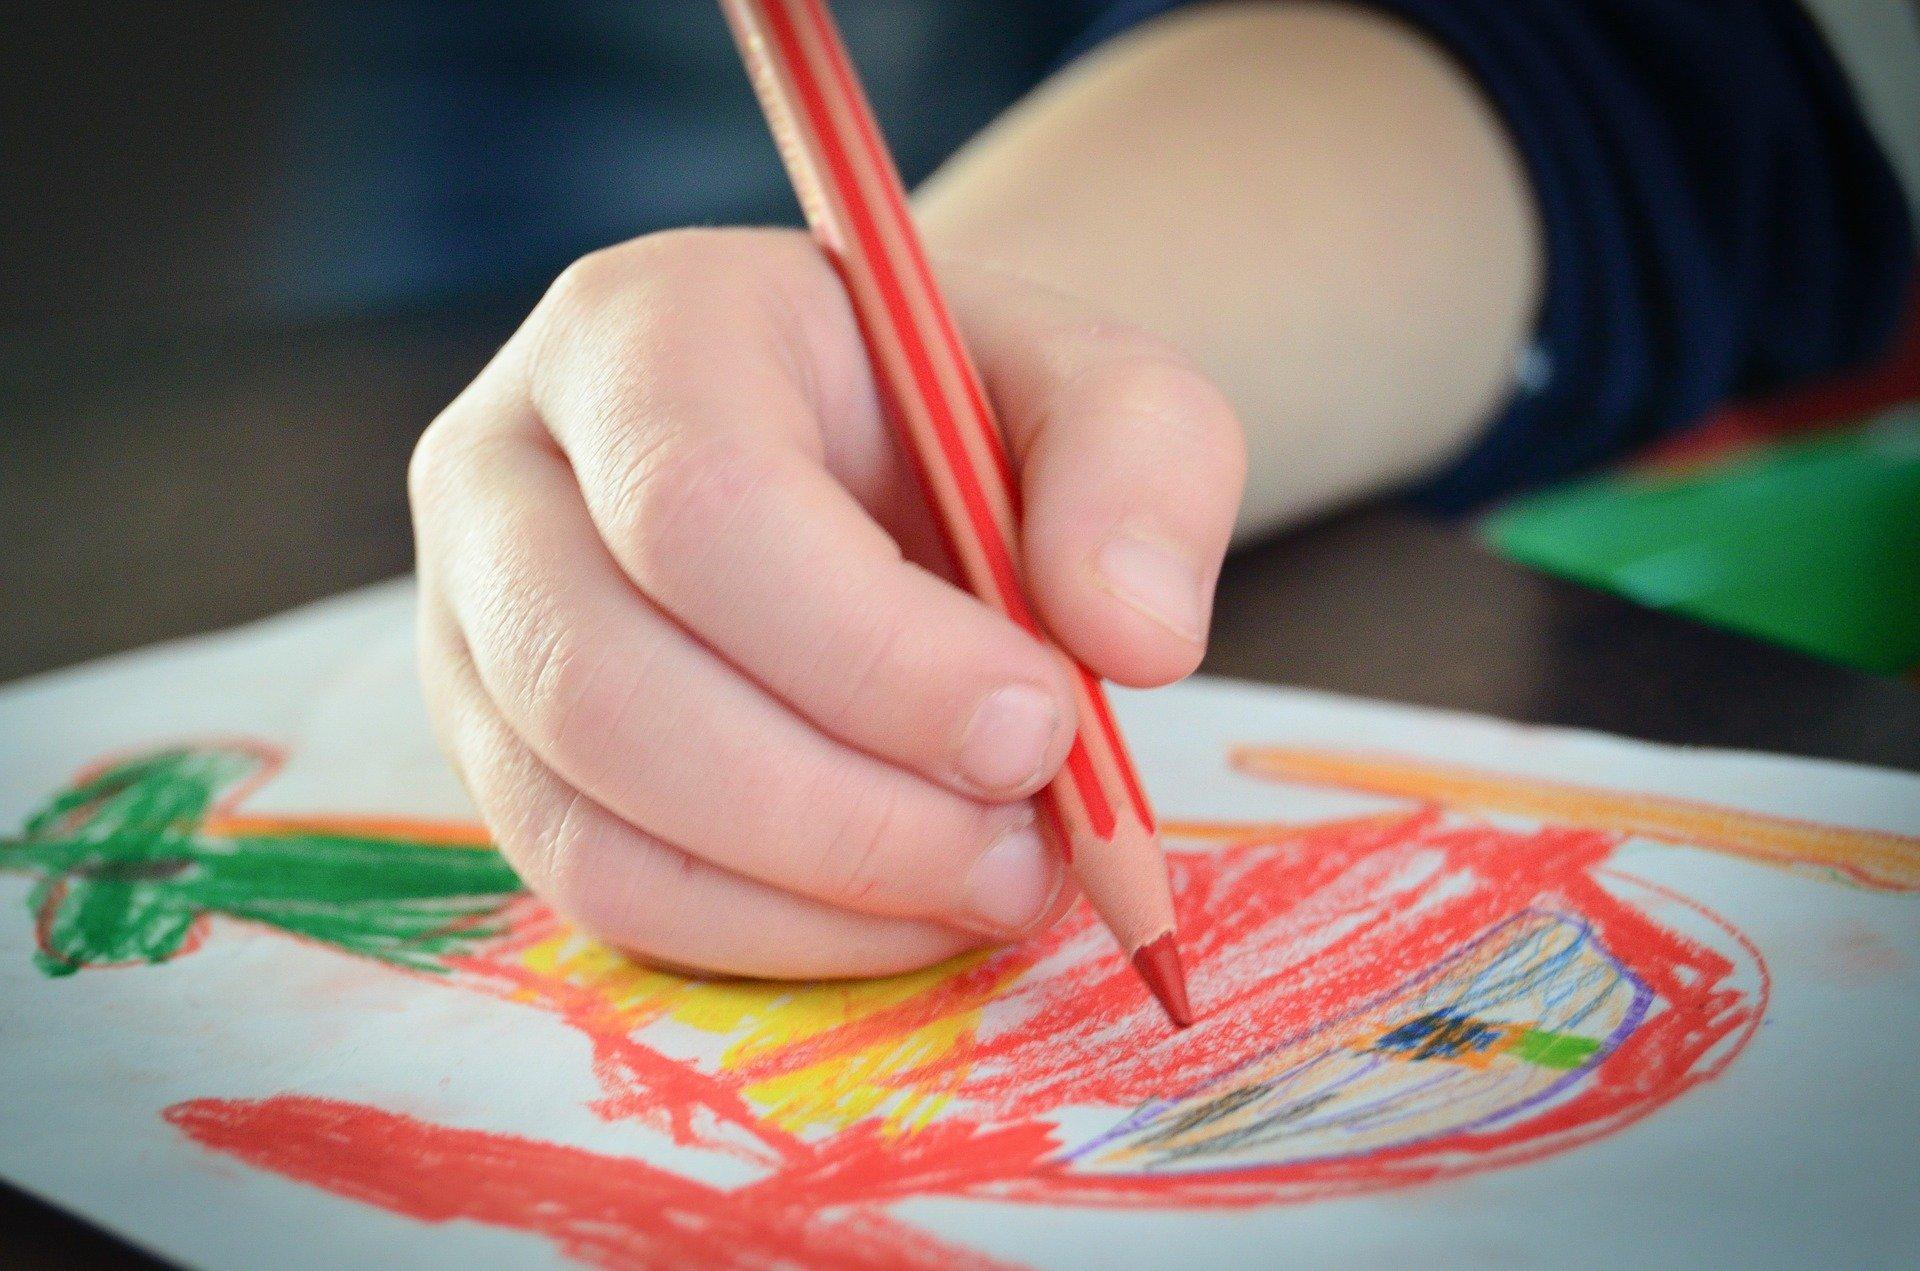 Zajęcia plastyczne dla dzieci - biblioteka Gdynia - atrakcje dla dzieci Trójmiasto 2018